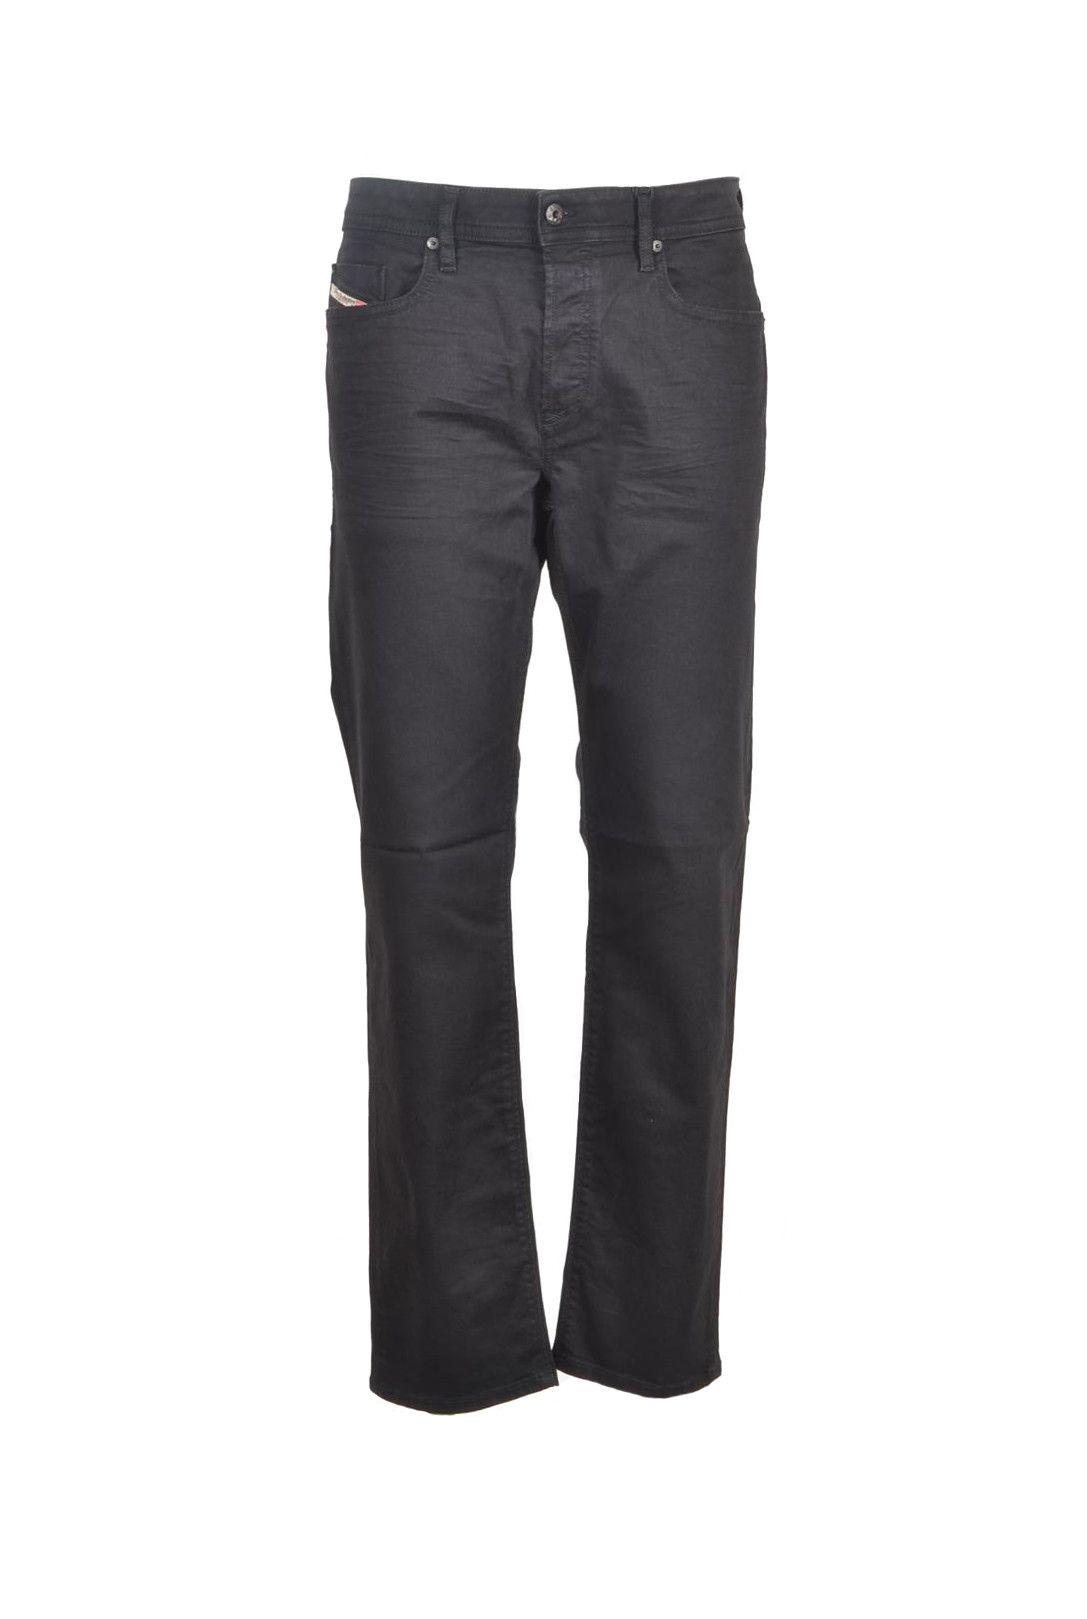 Diesel Men's Jeans In Black